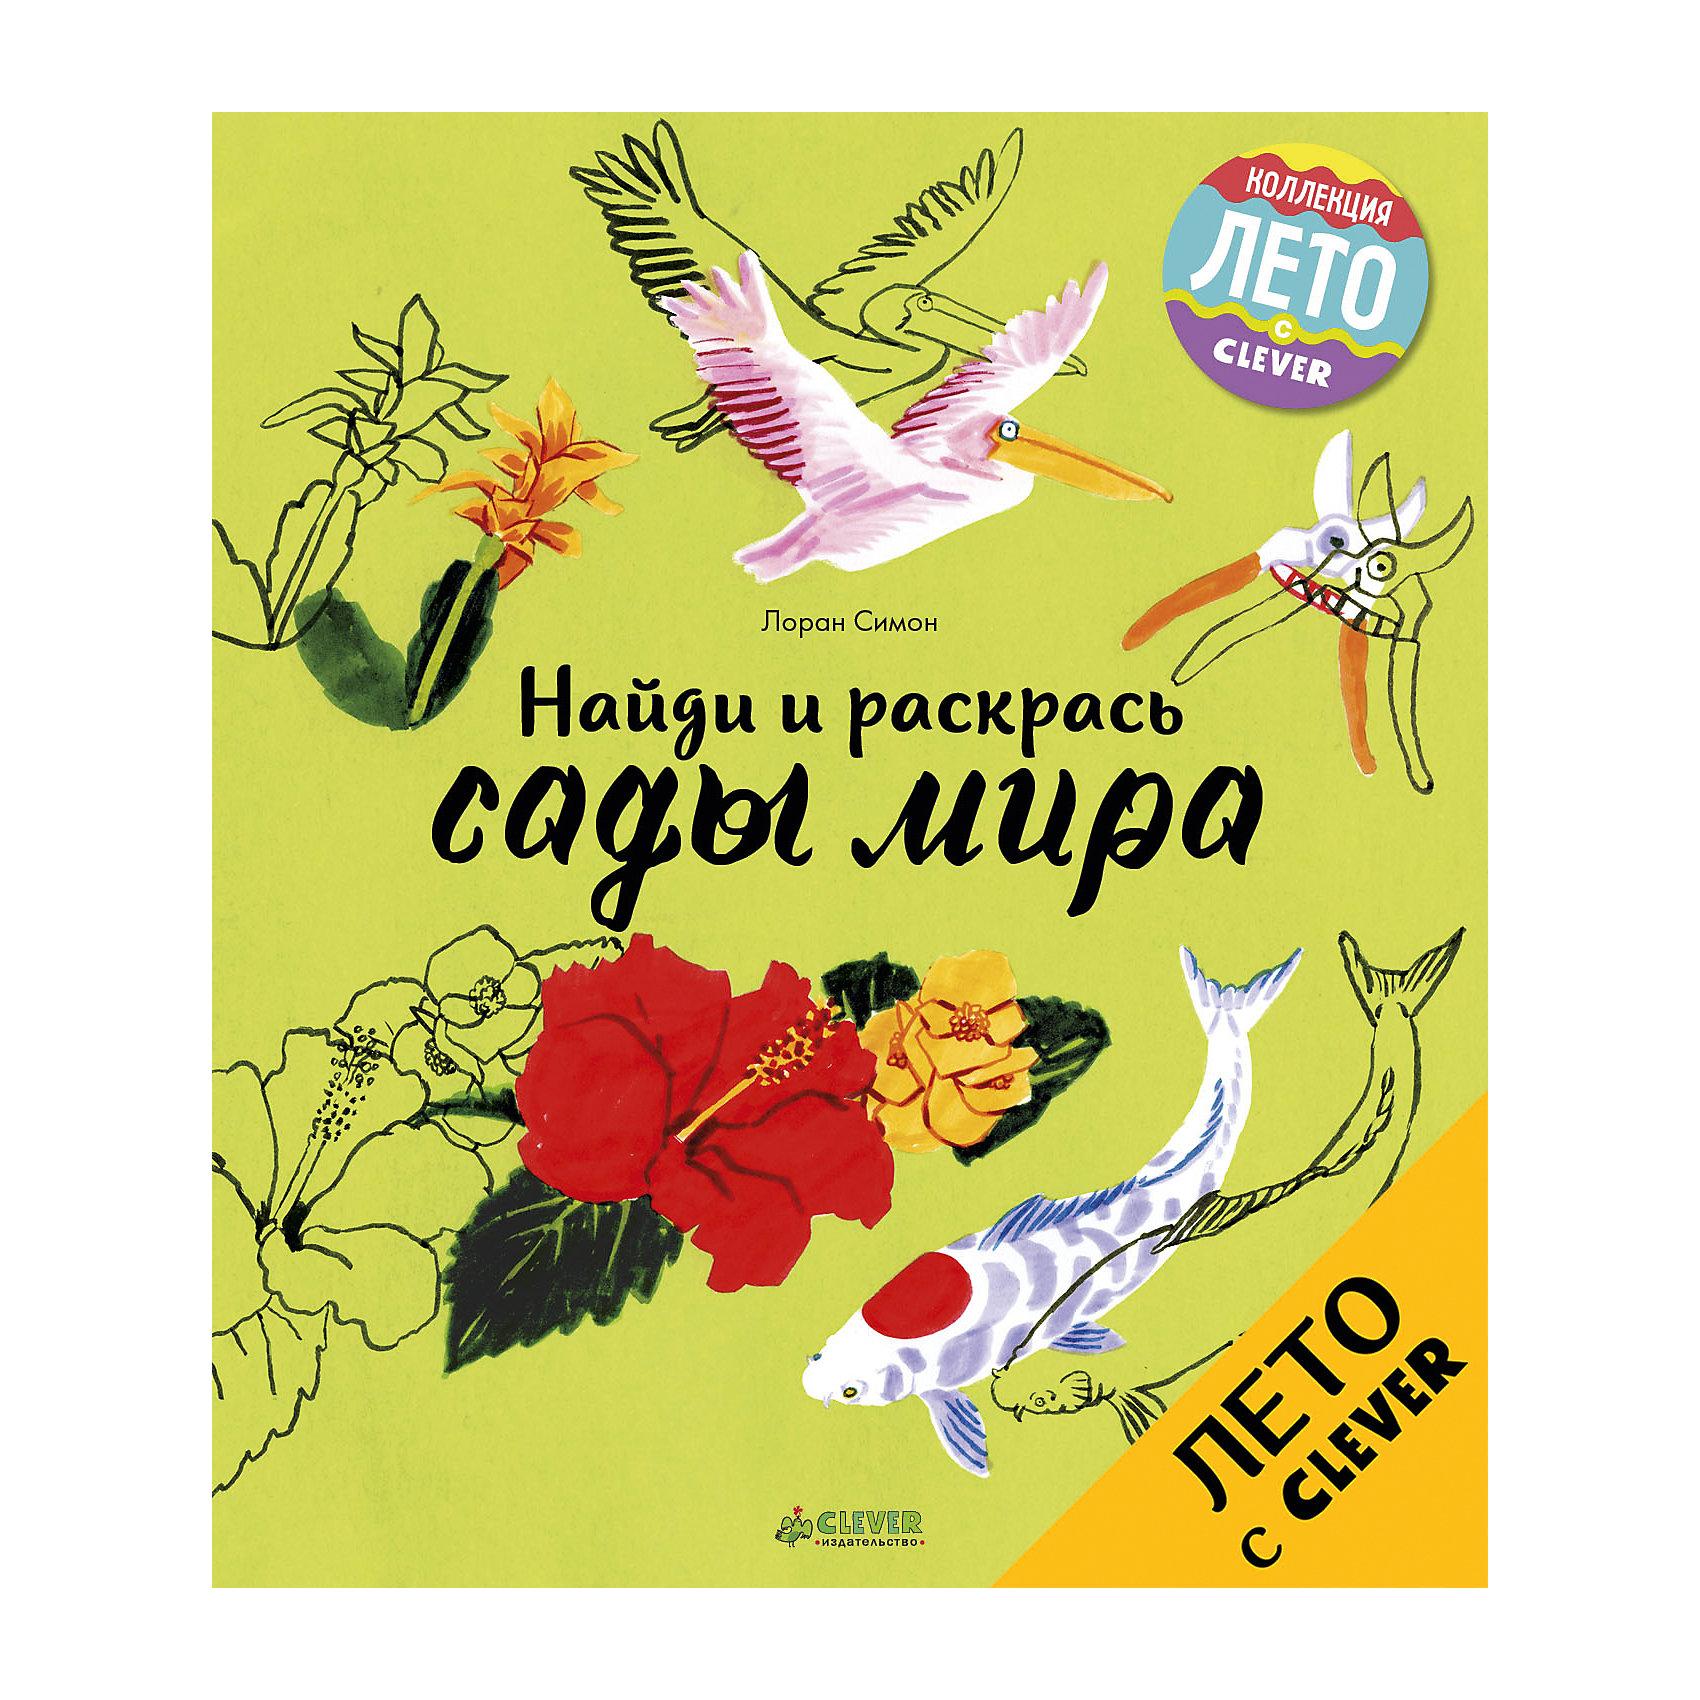 Найди и раскрась: Сады мира, CleverРисование<br>С веселыми книжками из серии Найди и раскрась вам и вашим детям скучать будет некогда. Собирайте рюкзак и отправляйтесь в путешествие по садам всего мира! Ребенок побывает в самых красивых местах планеты и сможет проявить свою фантазию, раскрашивая картинки в яркие цвета.<br><br>Ширина мм: 250<br>Глубина мм: 215<br>Высота мм: 50<br>Вес г: 215<br>Возраст от месяцев: 84<br>Возраст до месяцев: 132<br>Пол: Унисекс<br>Возраст: Детский<br>SKU: 6709203